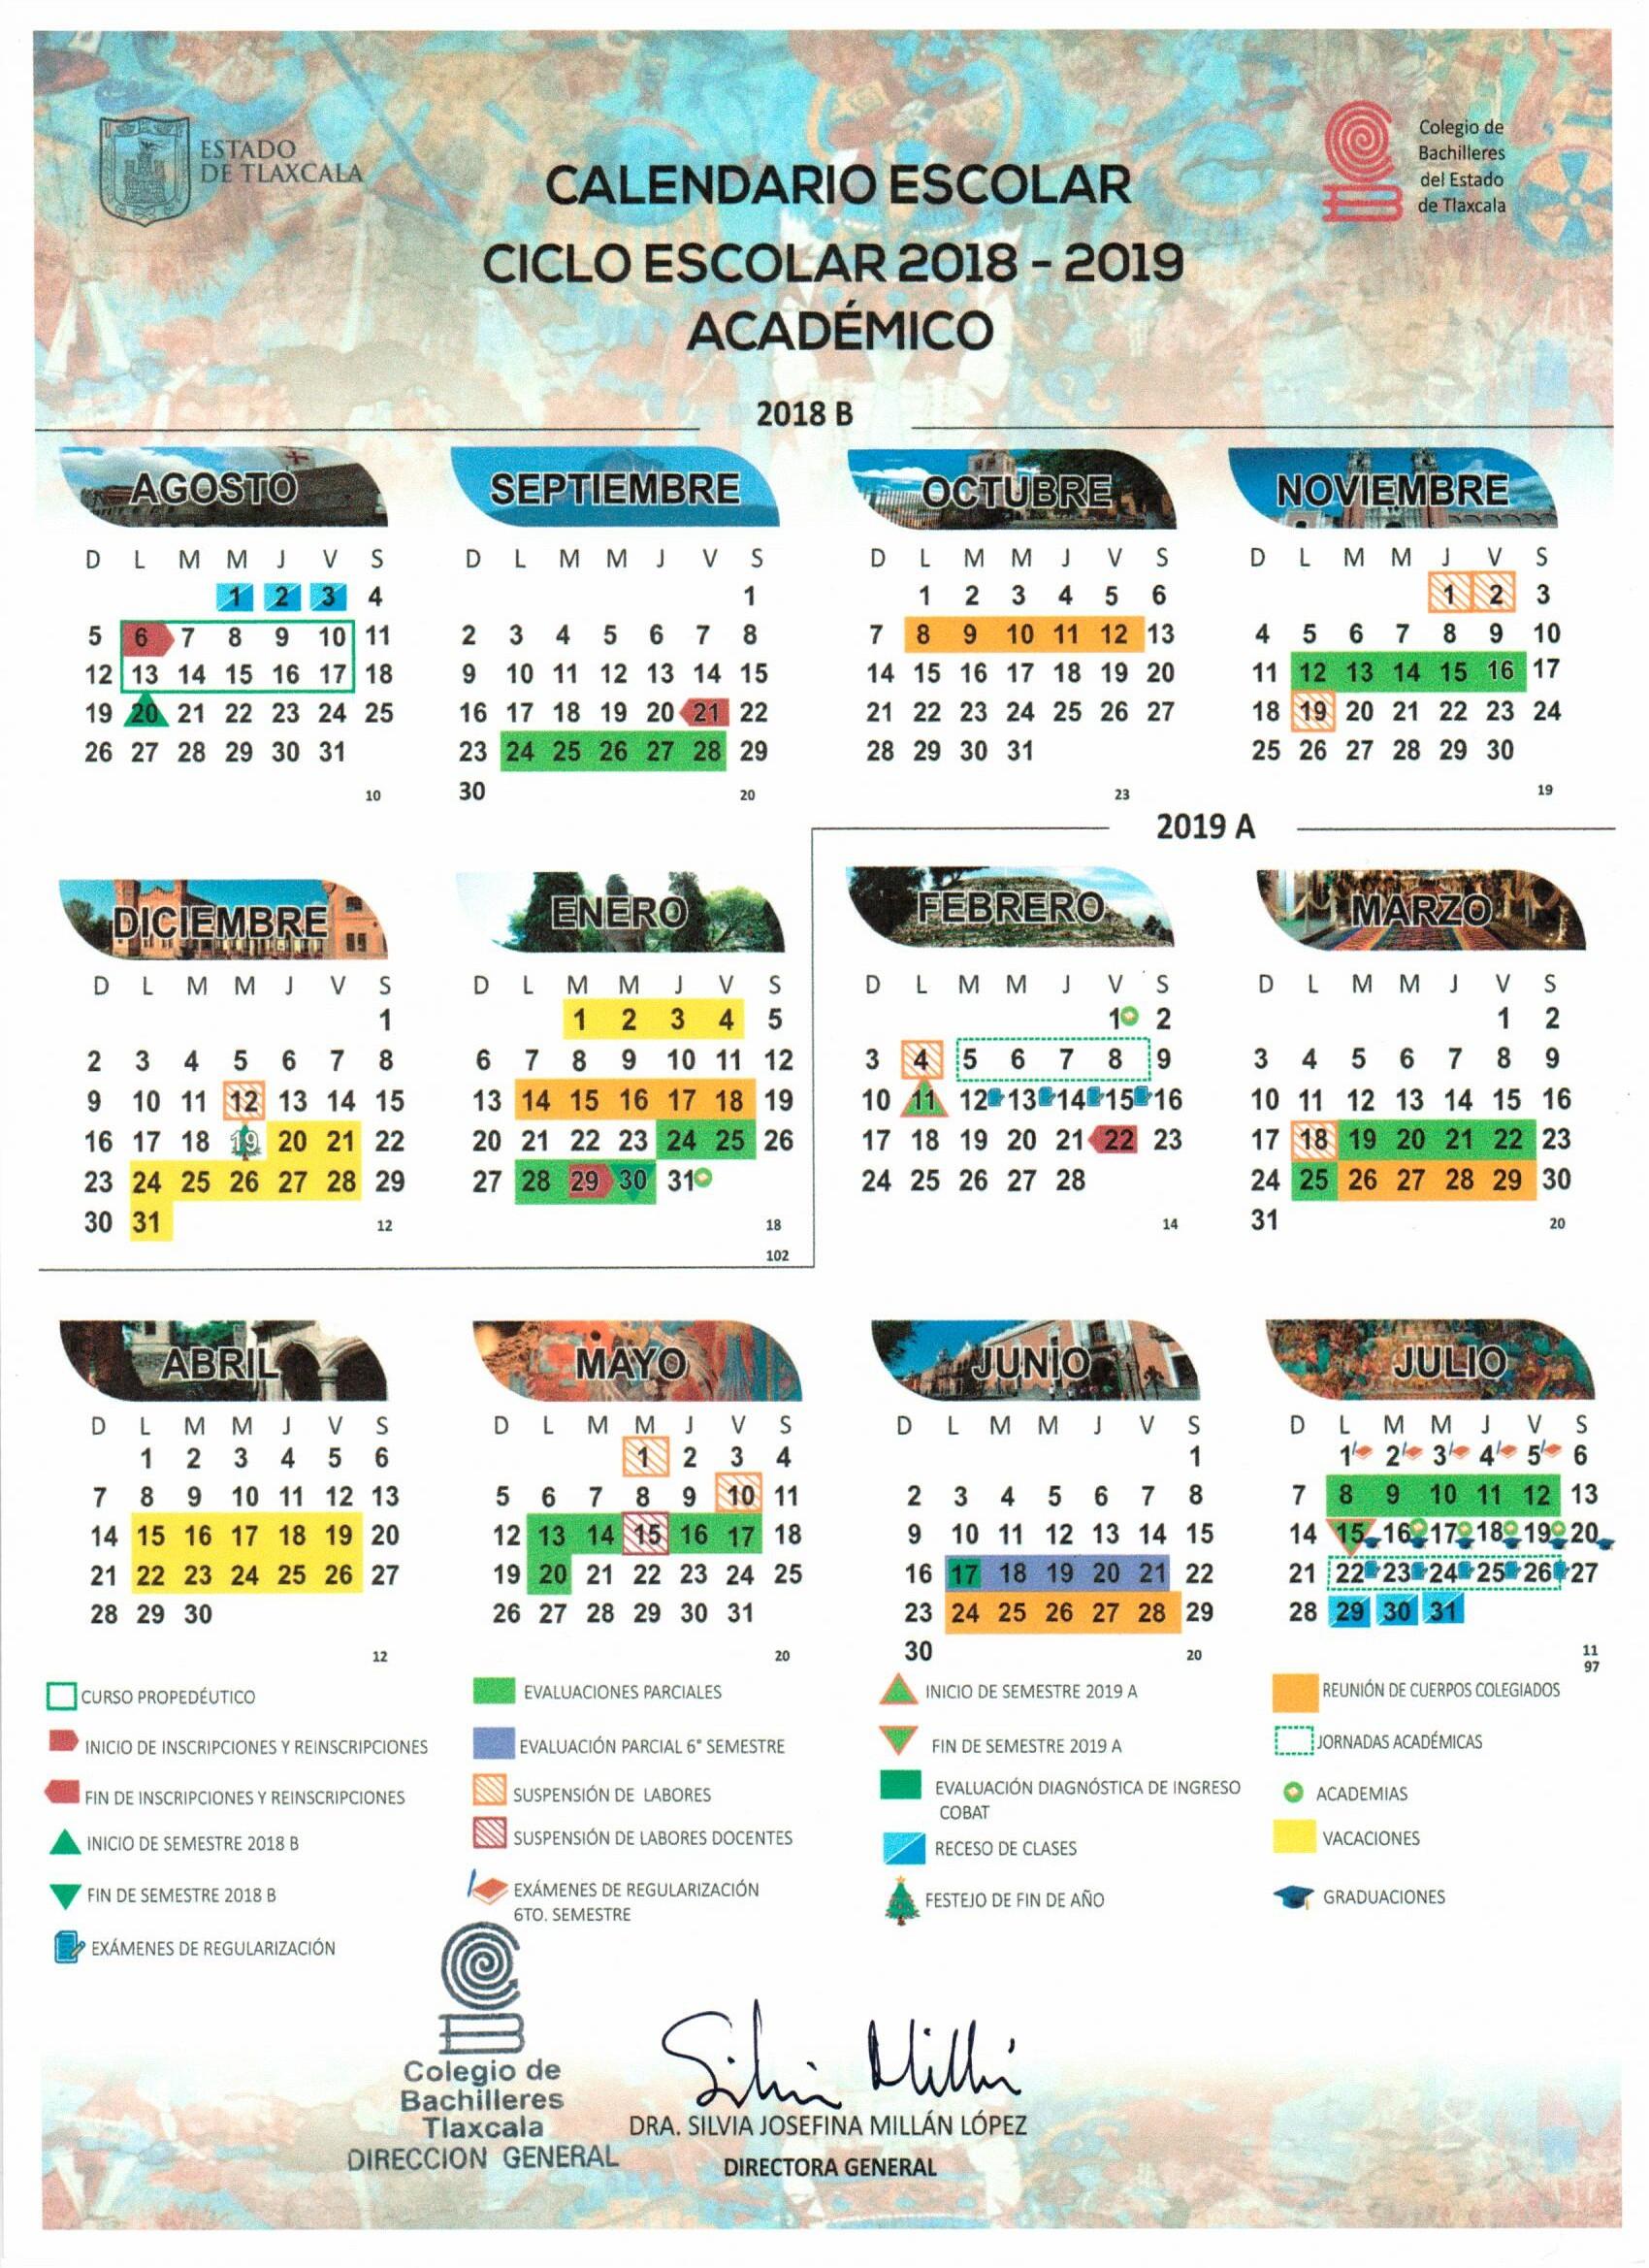 Calendario Escolar Rivas 2019 Más Caliente Cobat